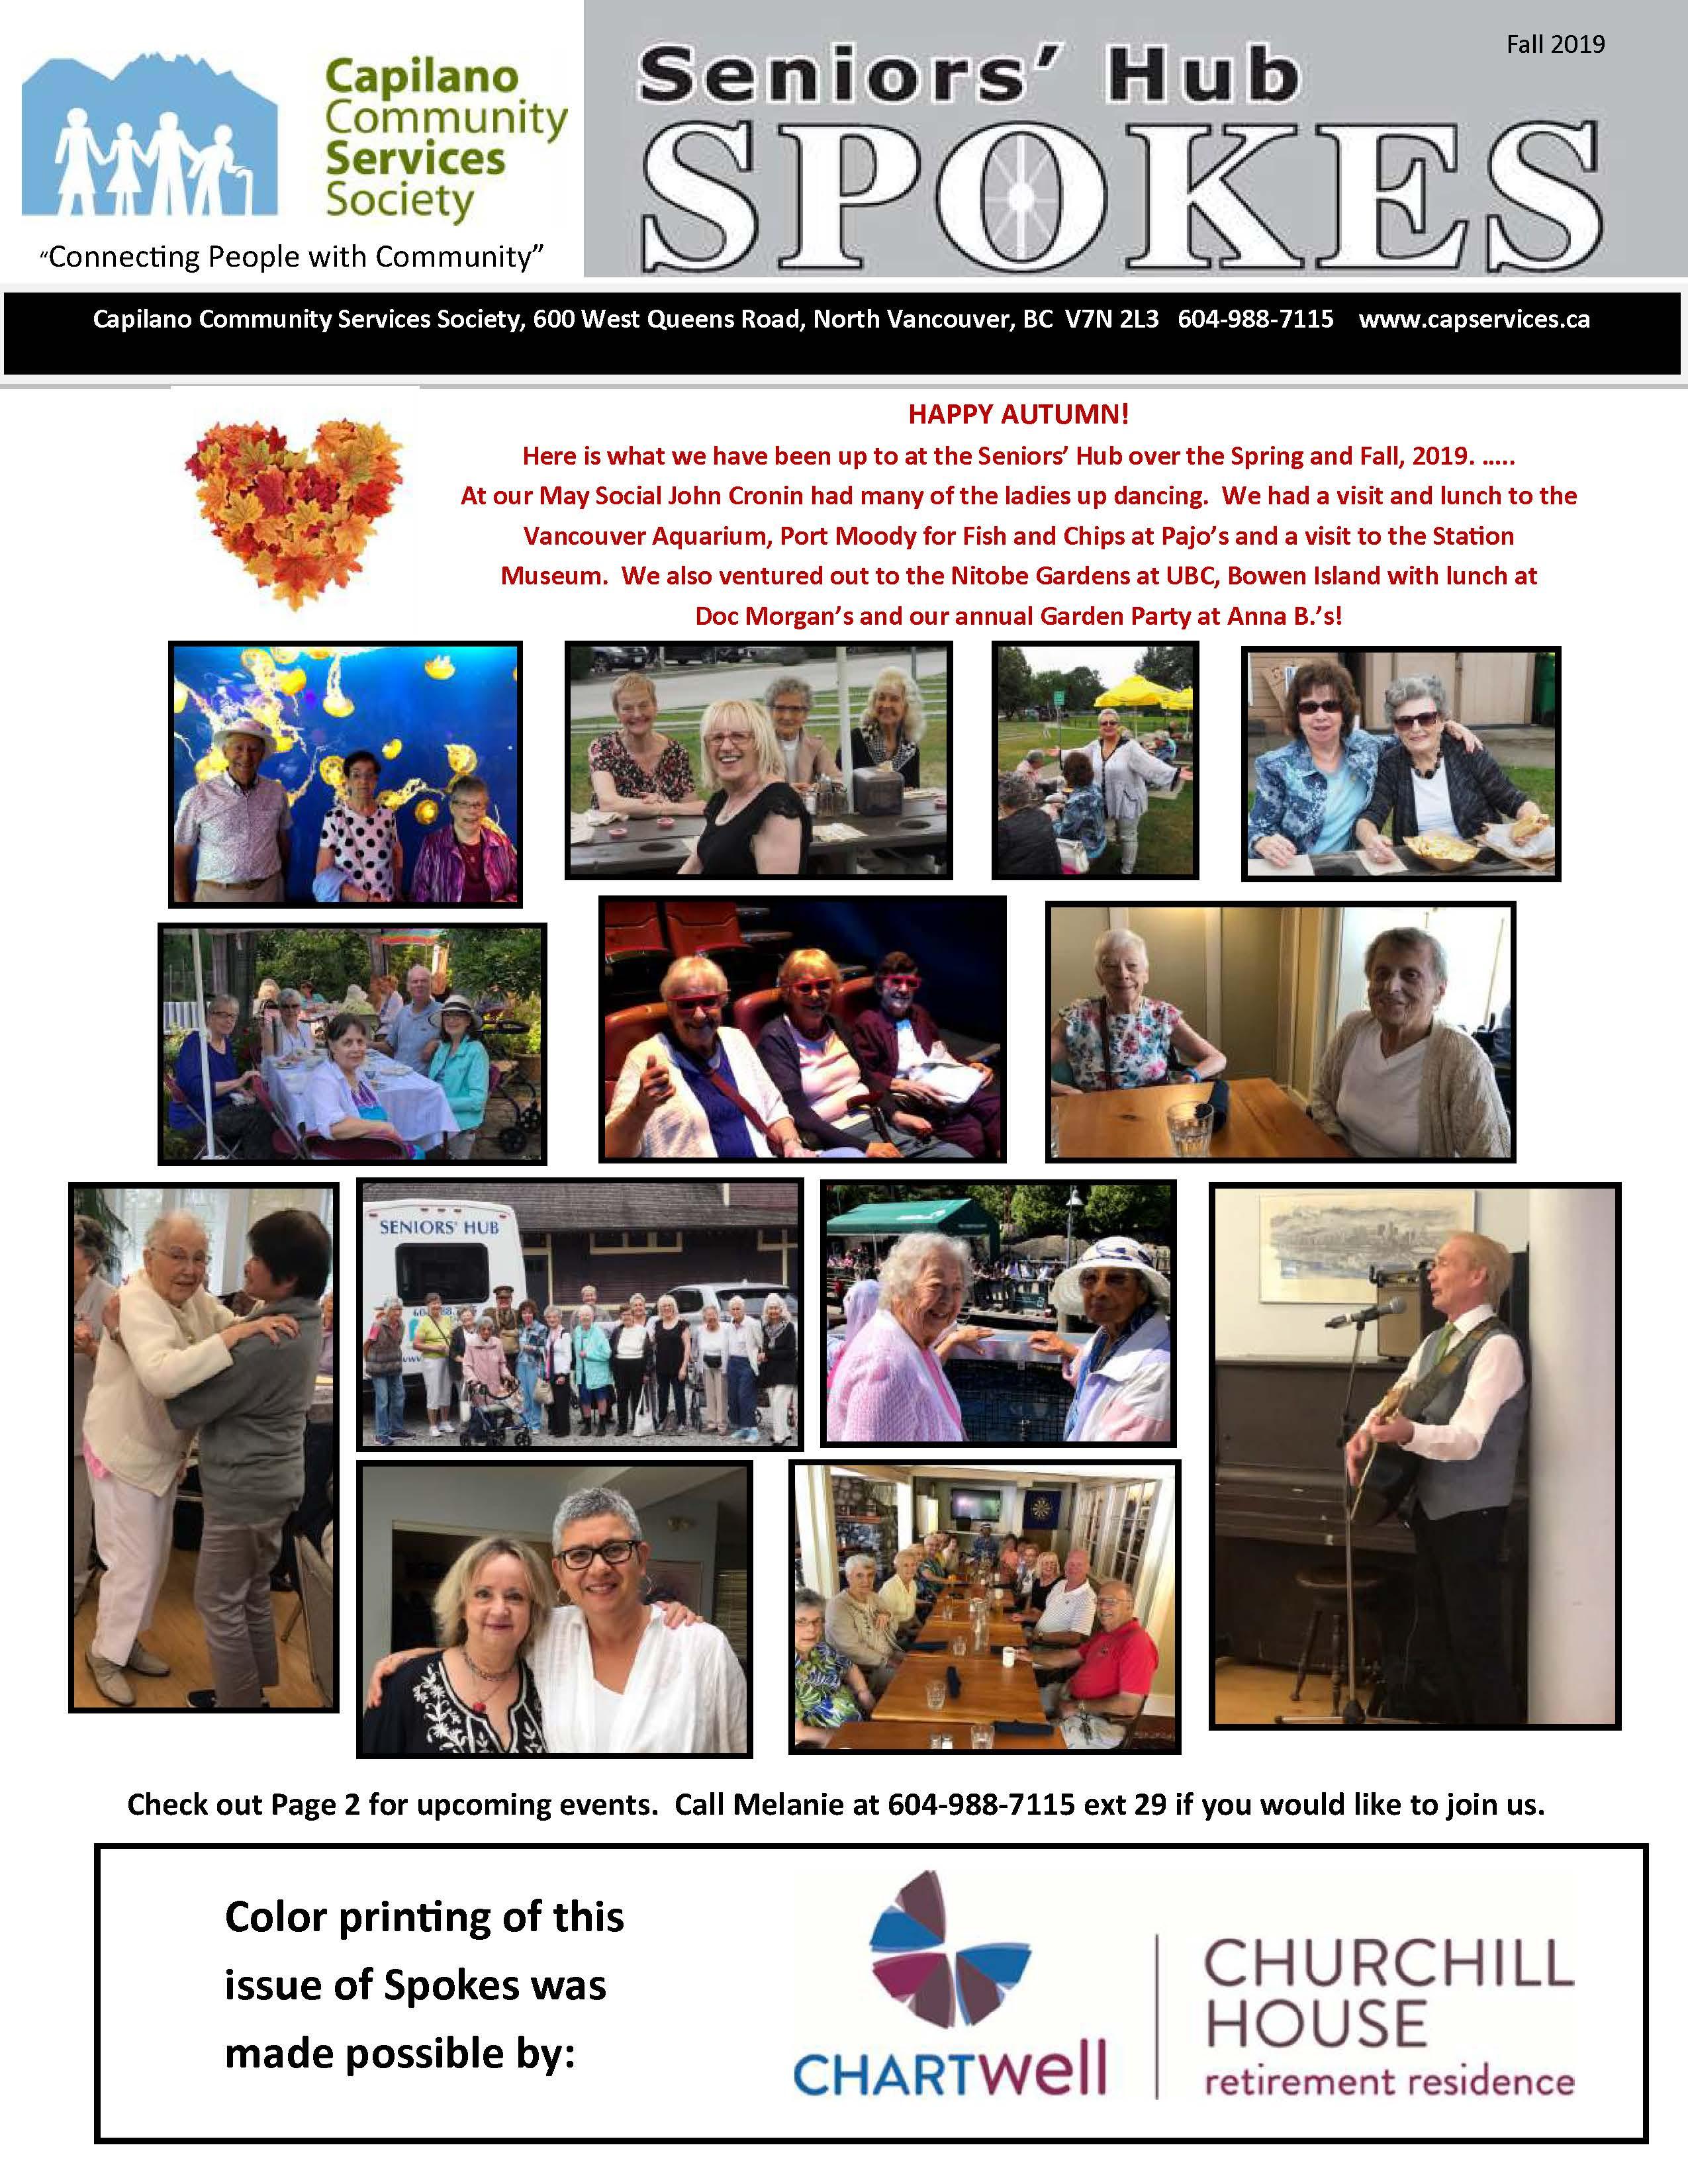 Seniors' Hub Spokes